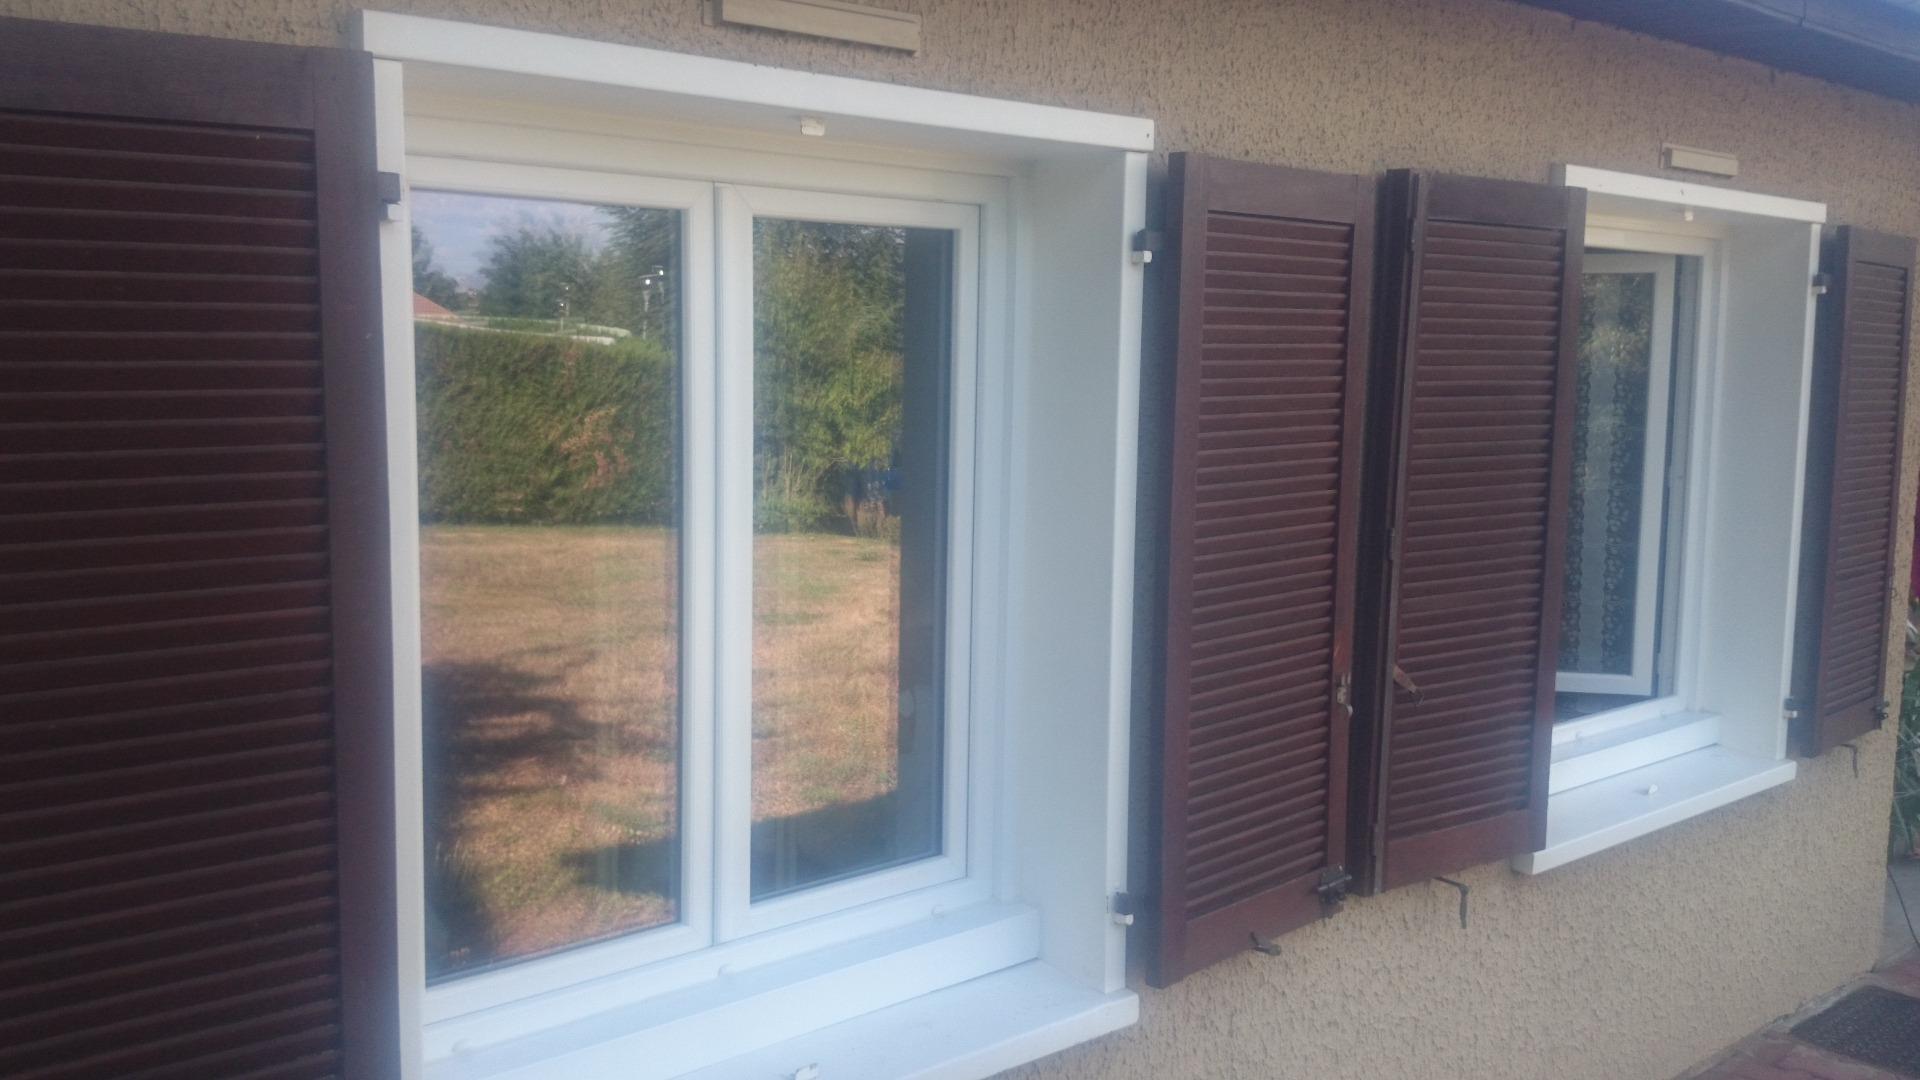 fenêtres sur mesure en Pvc Alu Bois ou Mixte …